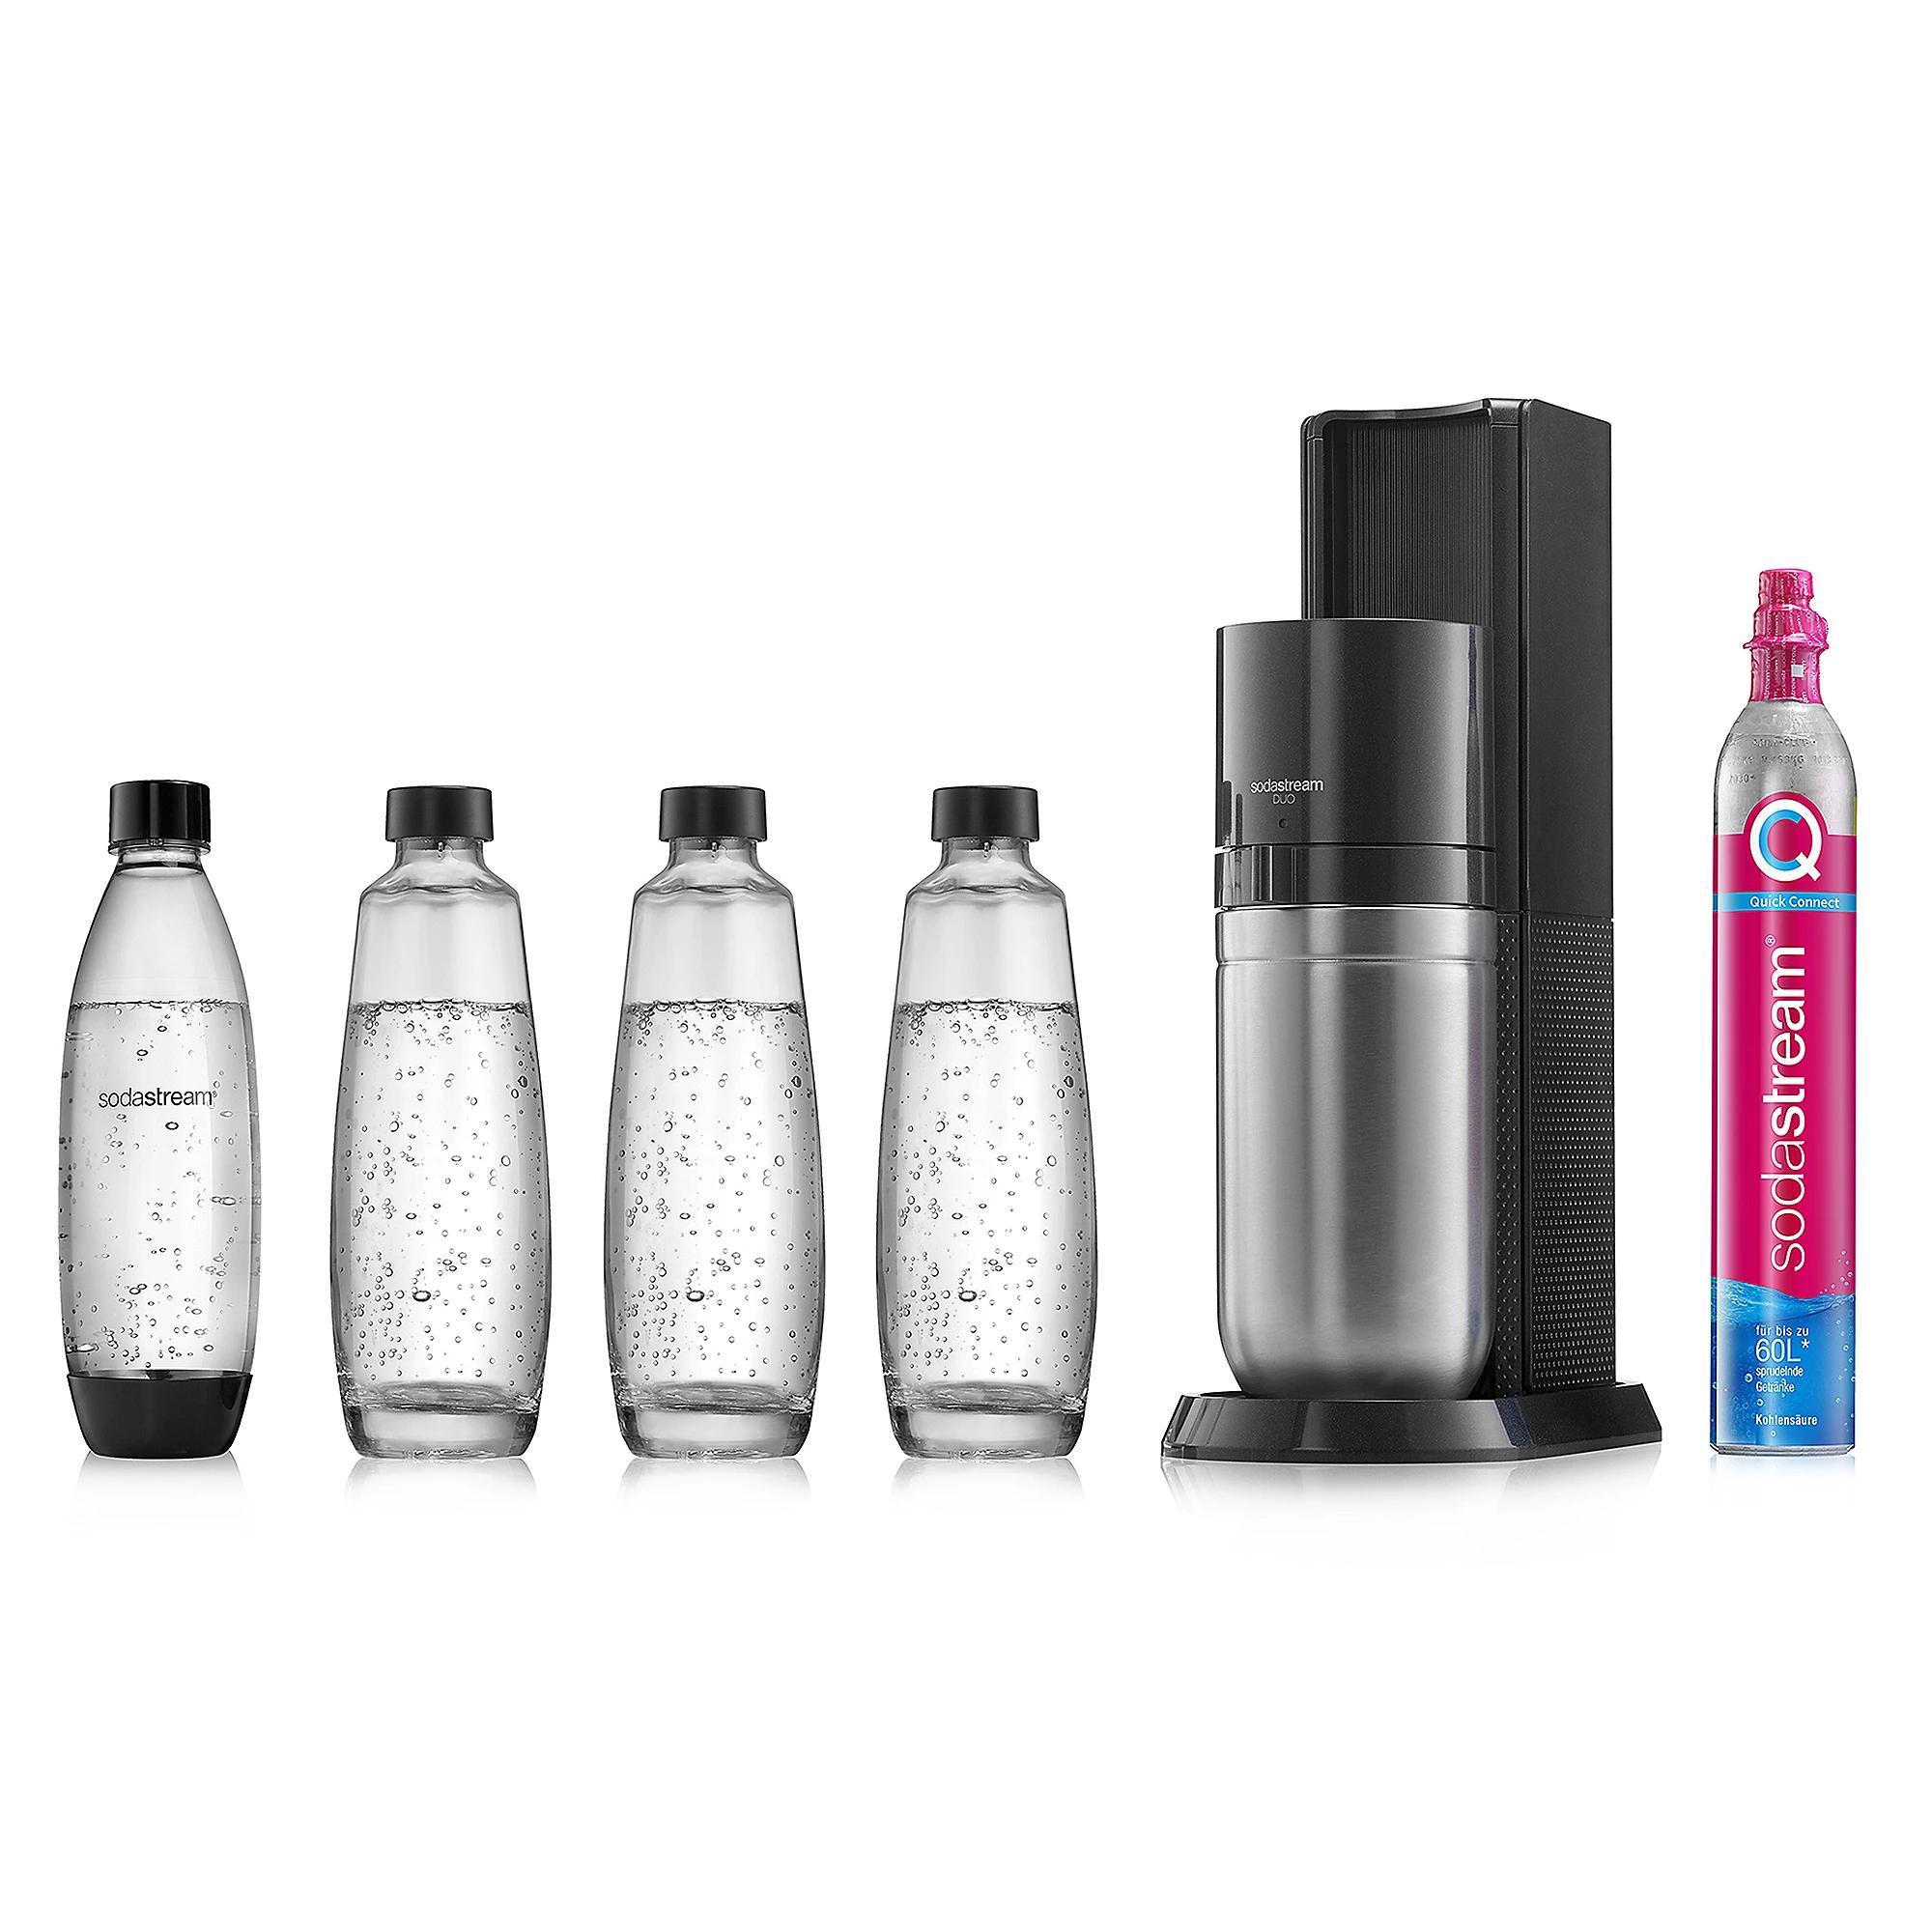 Sodastream Duo mit 3x Glasflasche und 1x Kunststoffflasche in weiß oder Titan - Neukunden